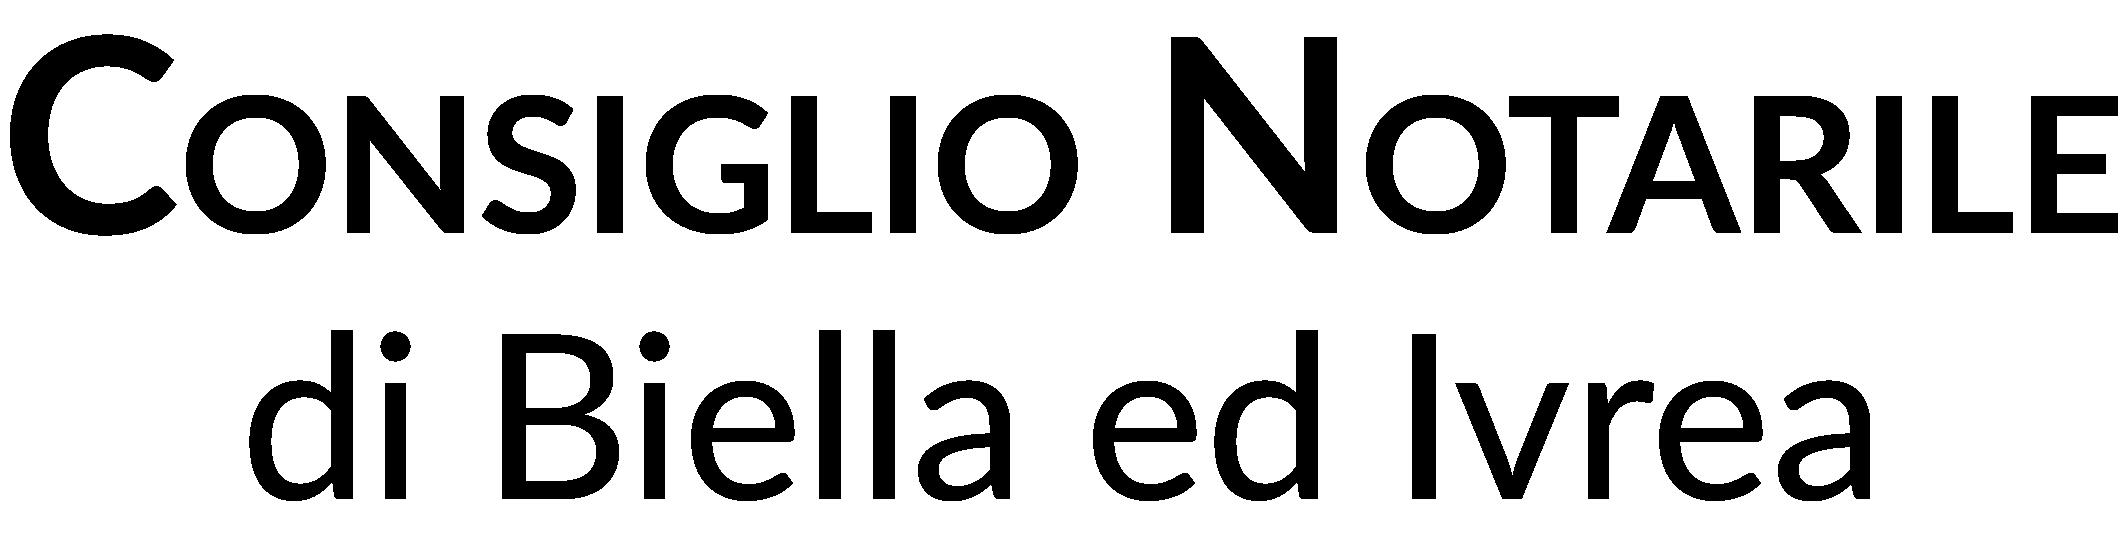 Consiglio Notarile di Biella ed Ivrea